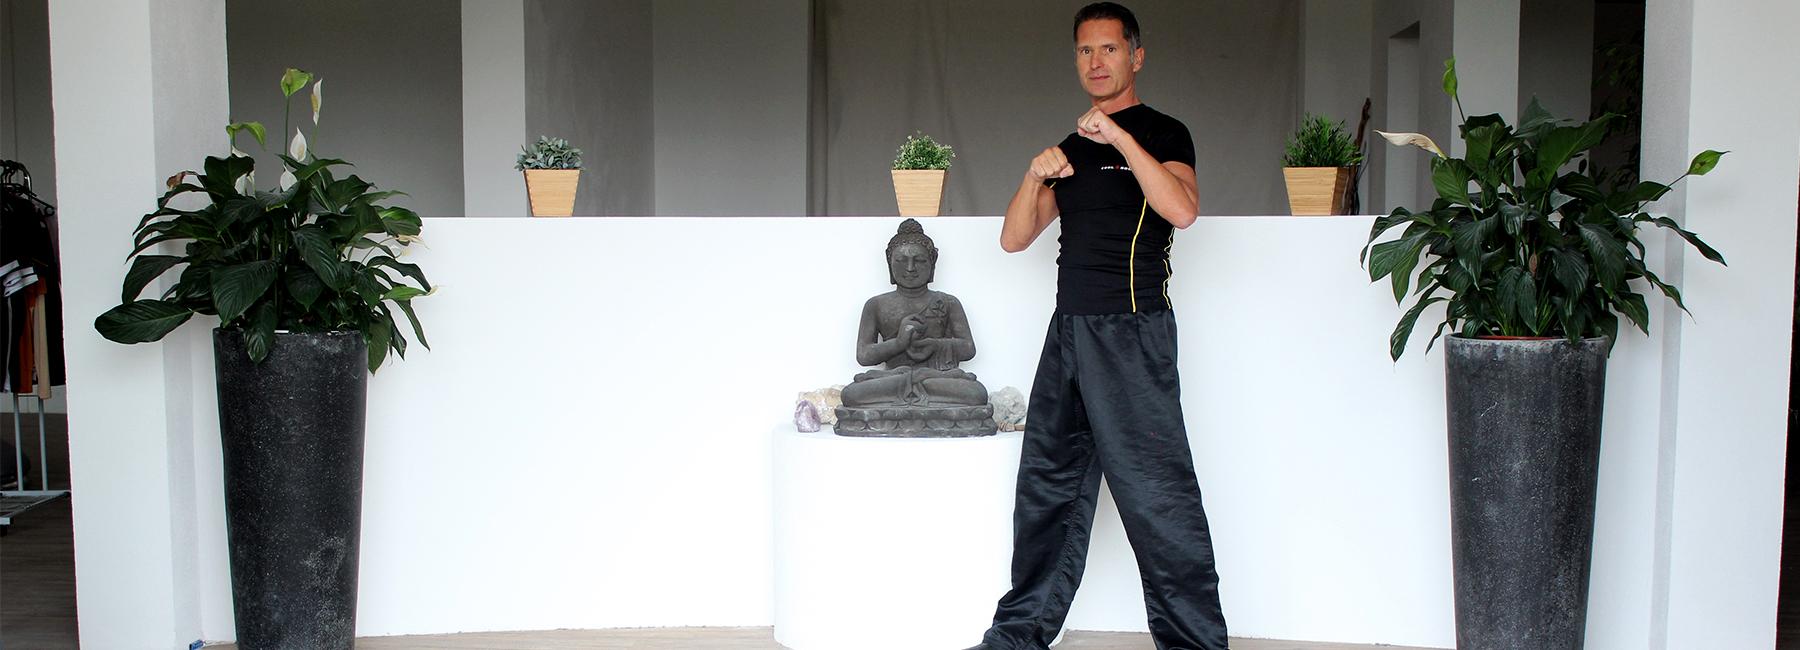 Martin Gubo - Ihr Personal Trainer im Fitnessstudio Bodywerkstatt